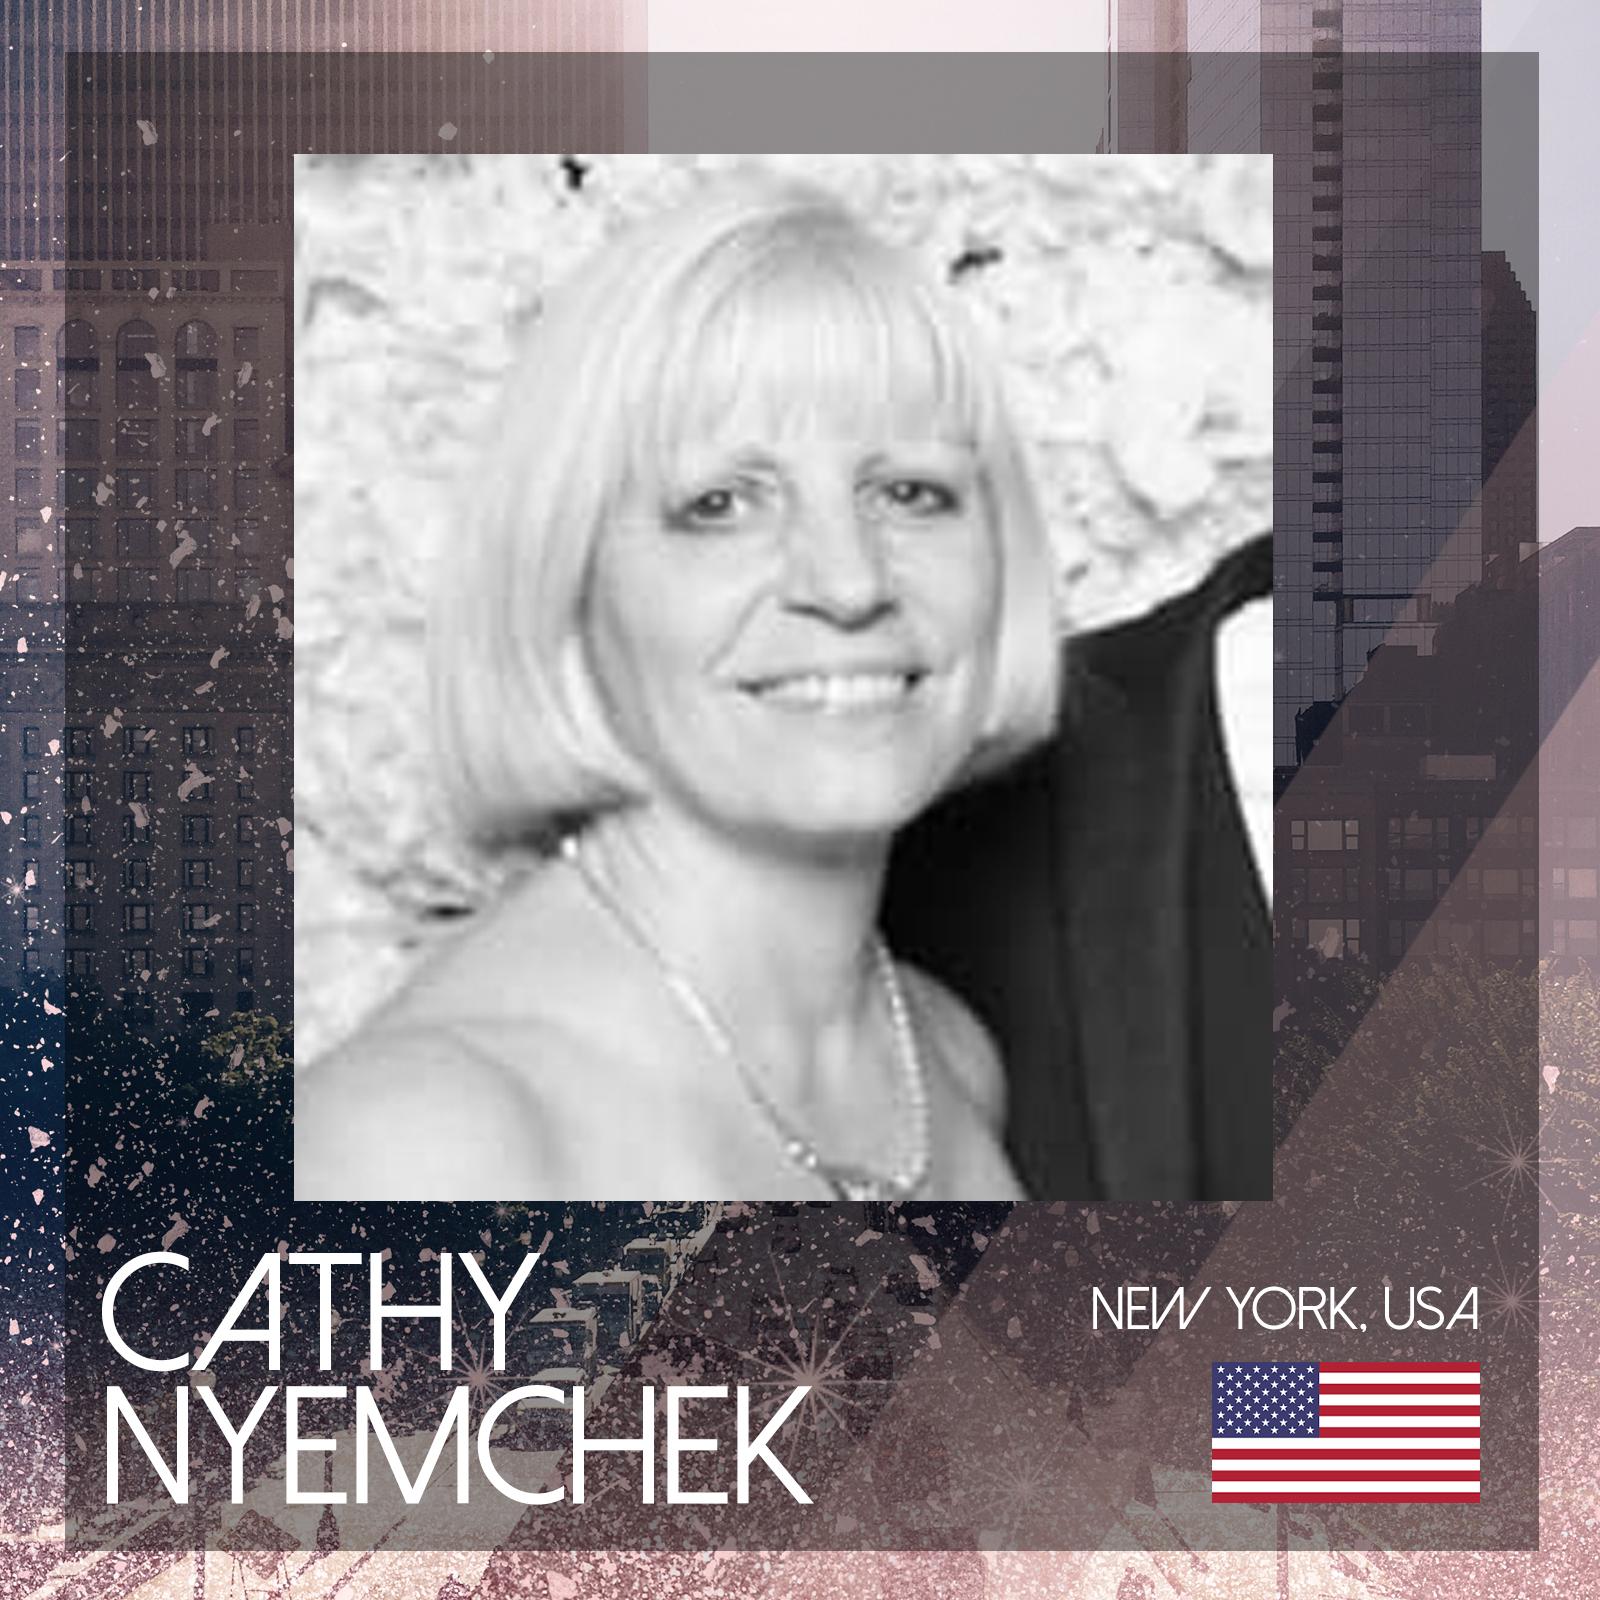 Cathy-Nyemchek.jpg